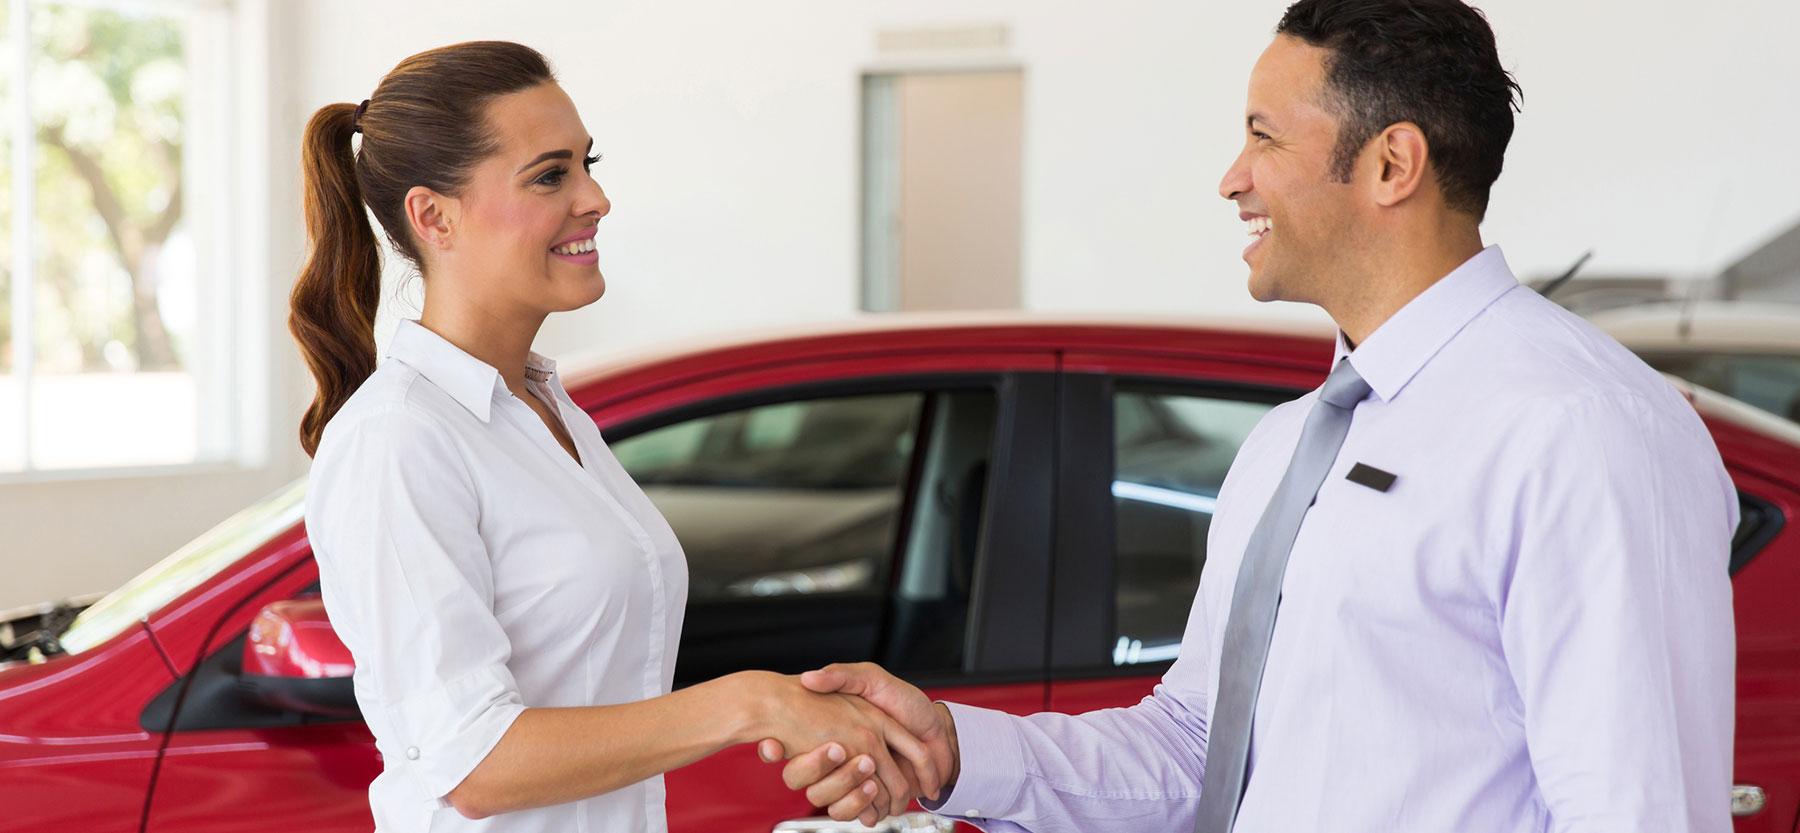 Compre Ford Lincoln Nuevos Seminuevos Usados Carros Carros Camionetas SUVs Minivans Camiones Descuento Español Louisville Kentucky Usado Certificado